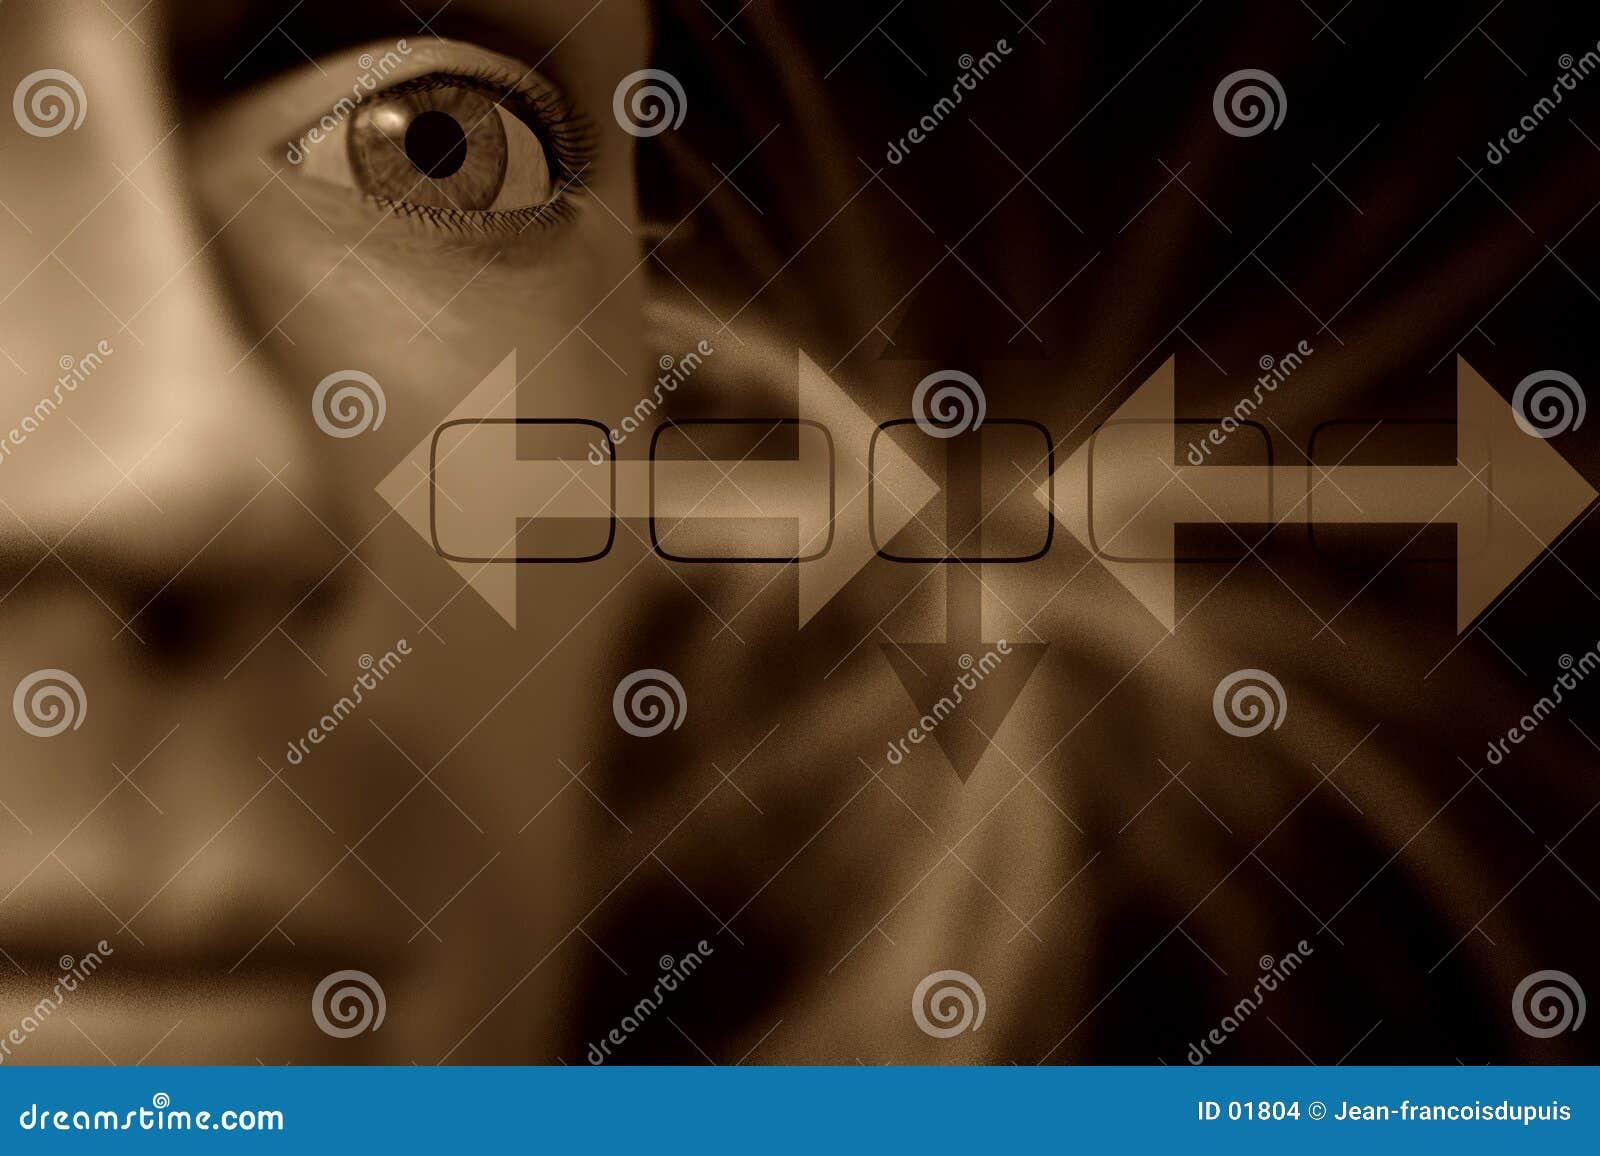 Cabeça humana, olho no foco